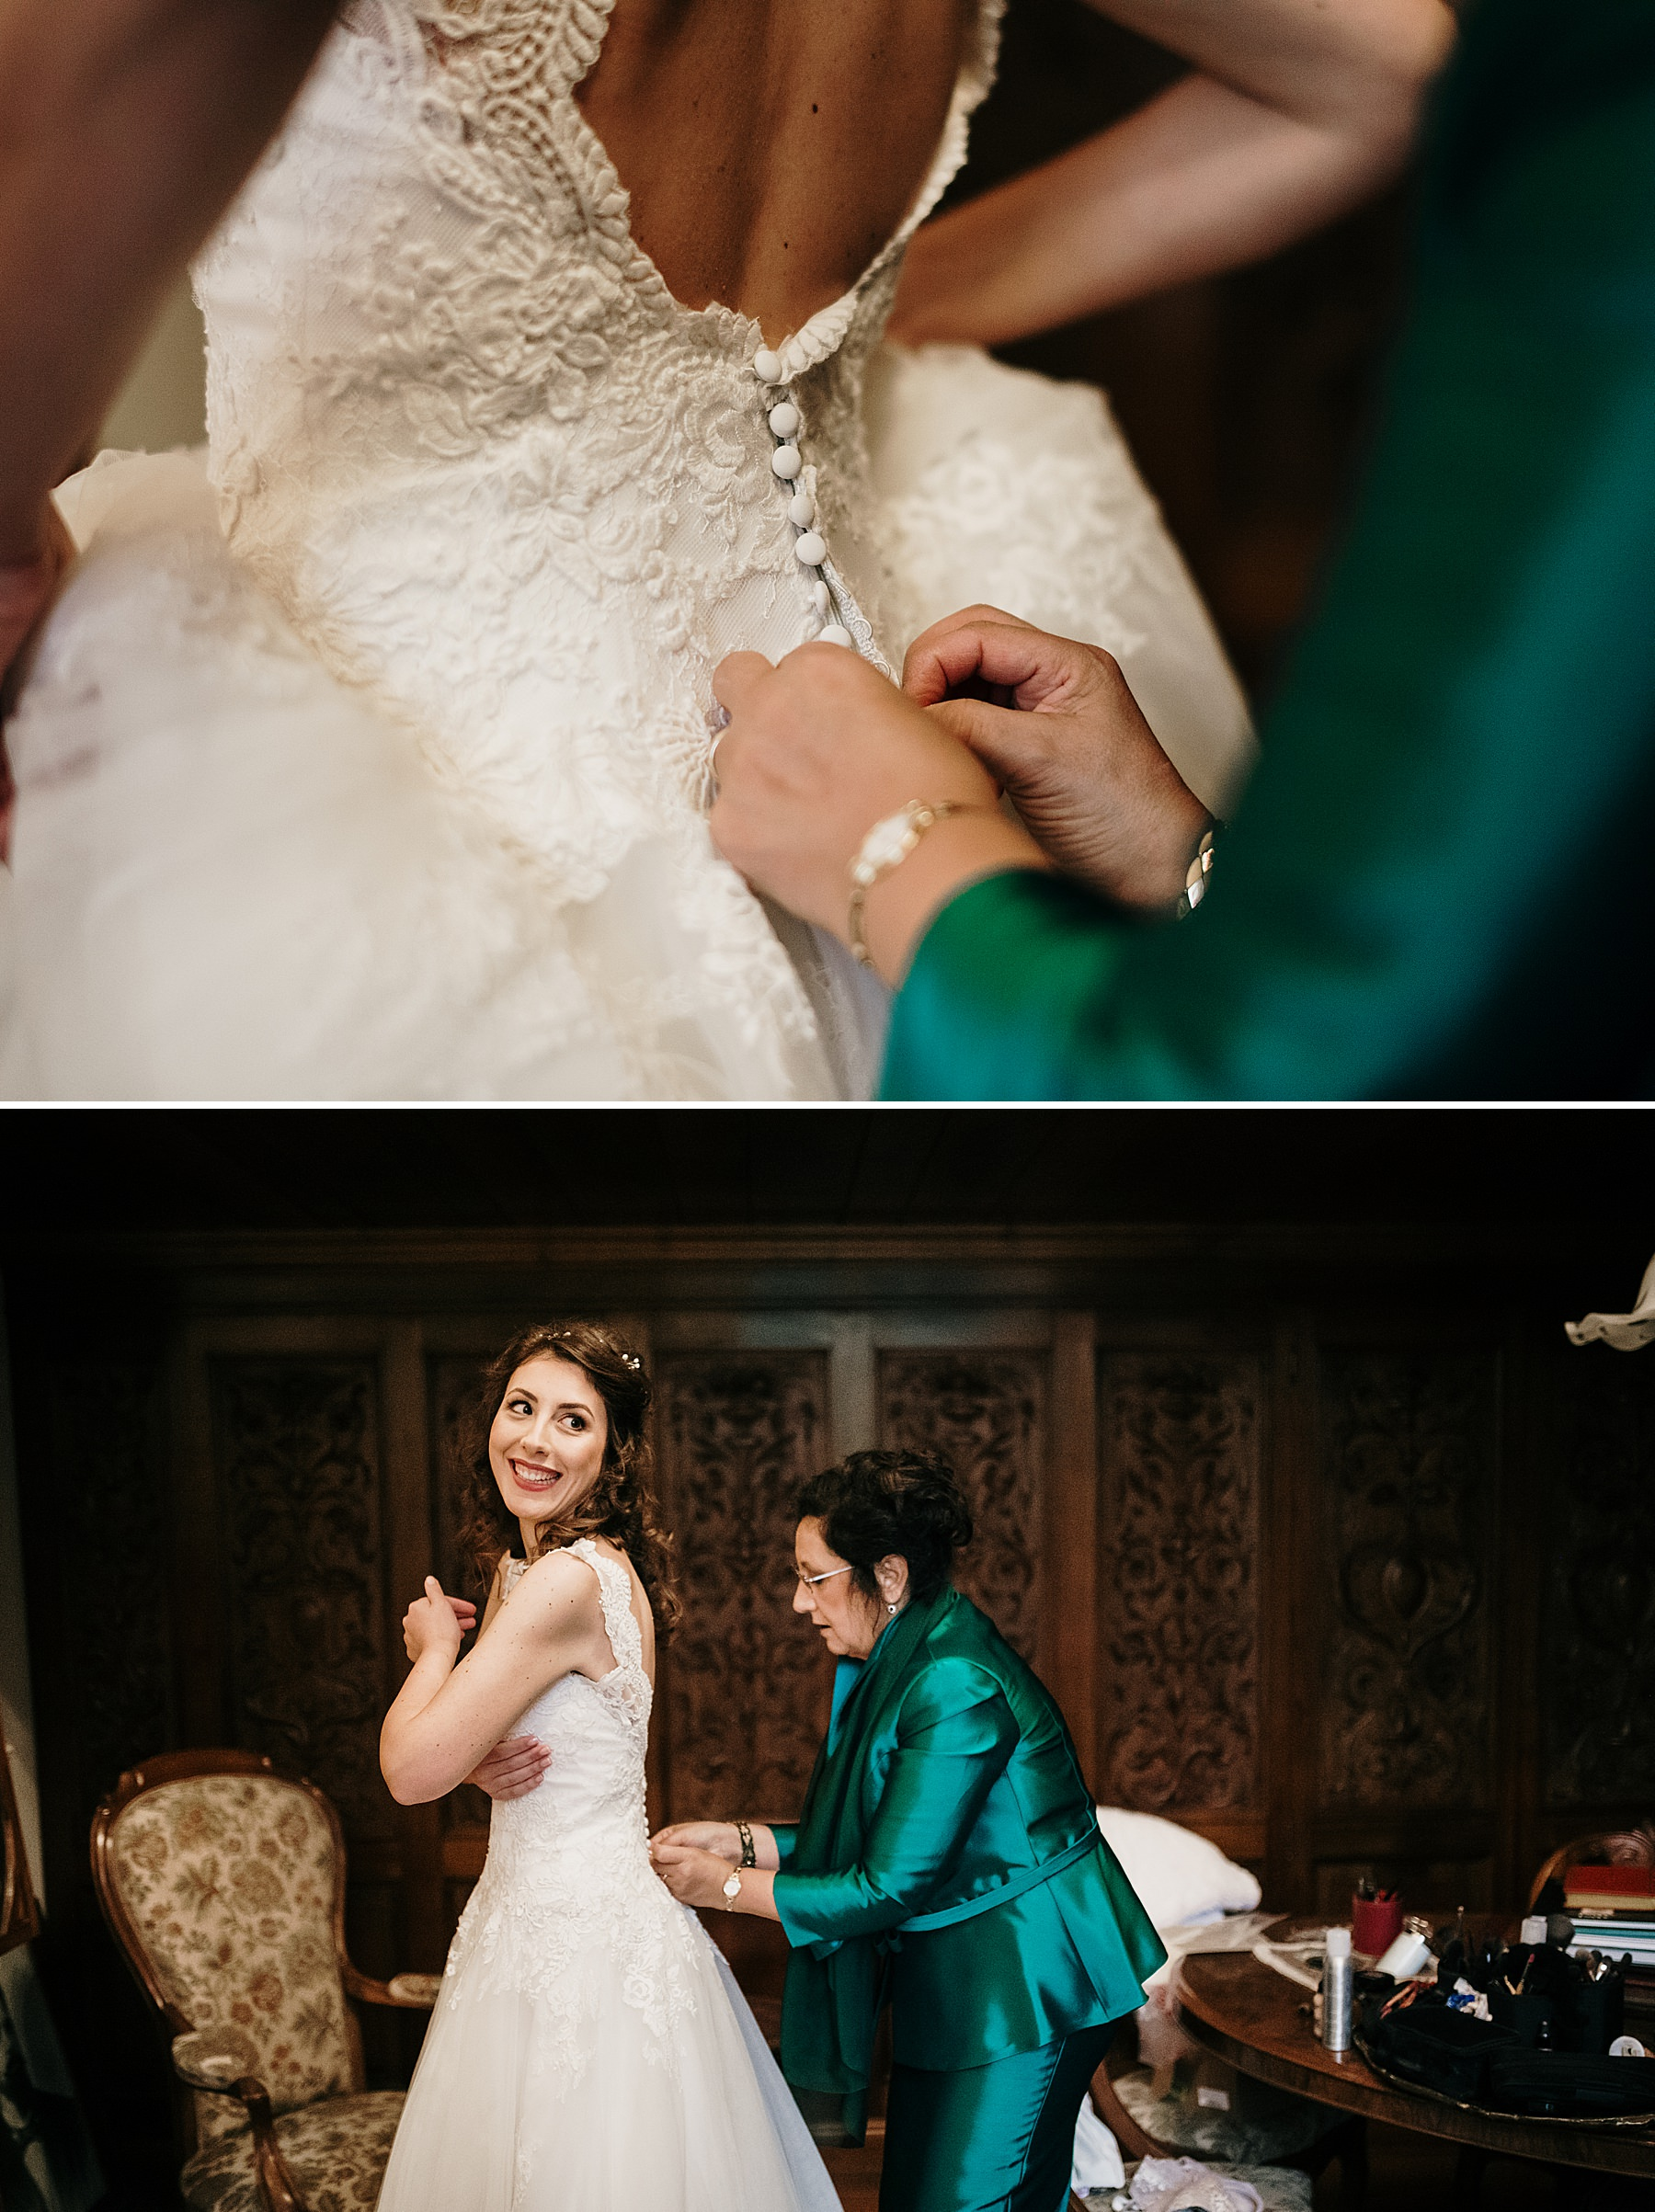 fotografia-di-matrimonio-a-firenze-in-inverno-717.JPG